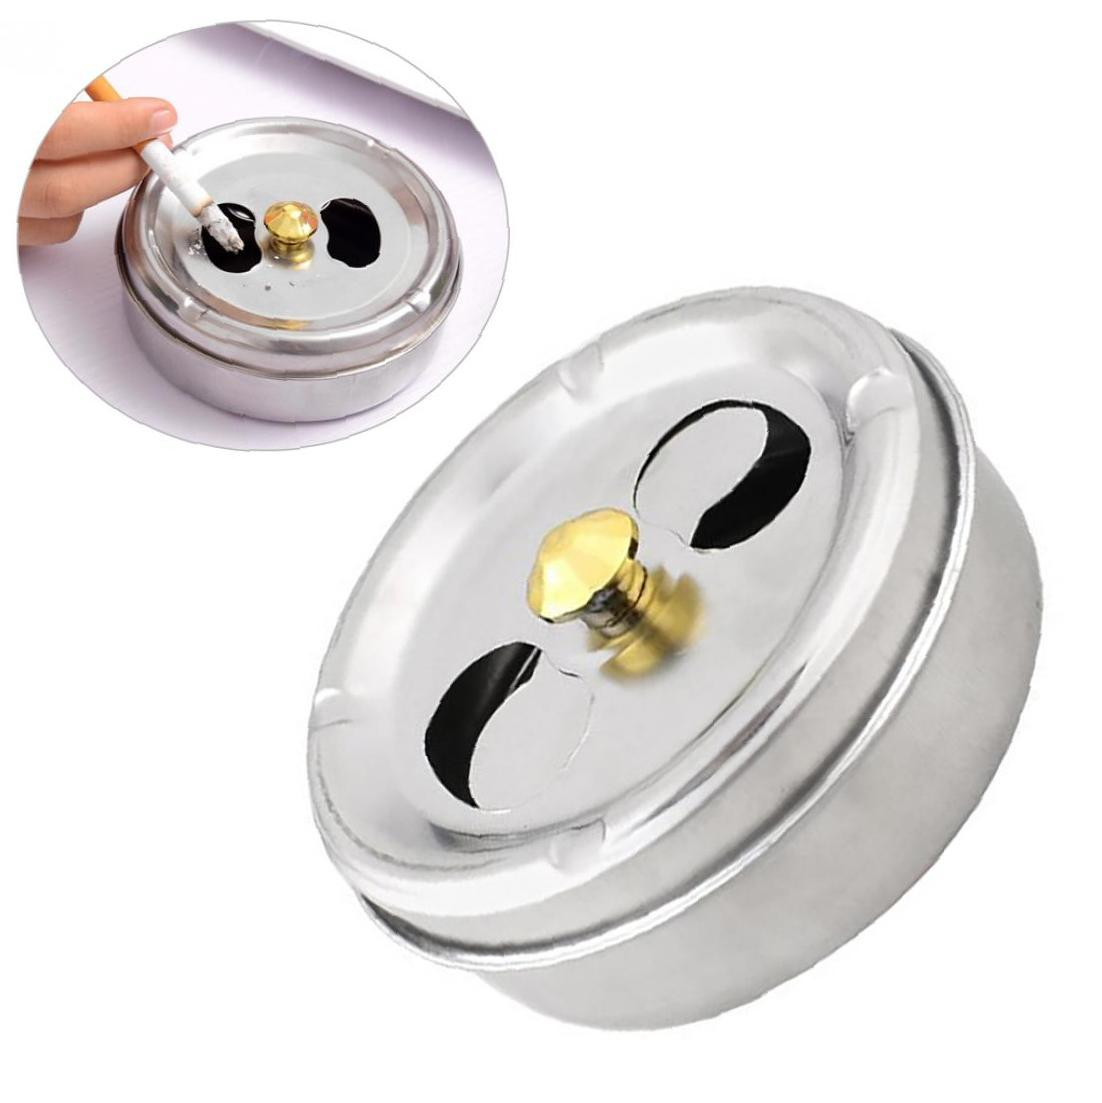 Cendrier tournant rond cendrier d'acier inoxydable avec le couvercle cendrier rotatif cendrier entièrement fermé pour l'argent de bureau à la maison